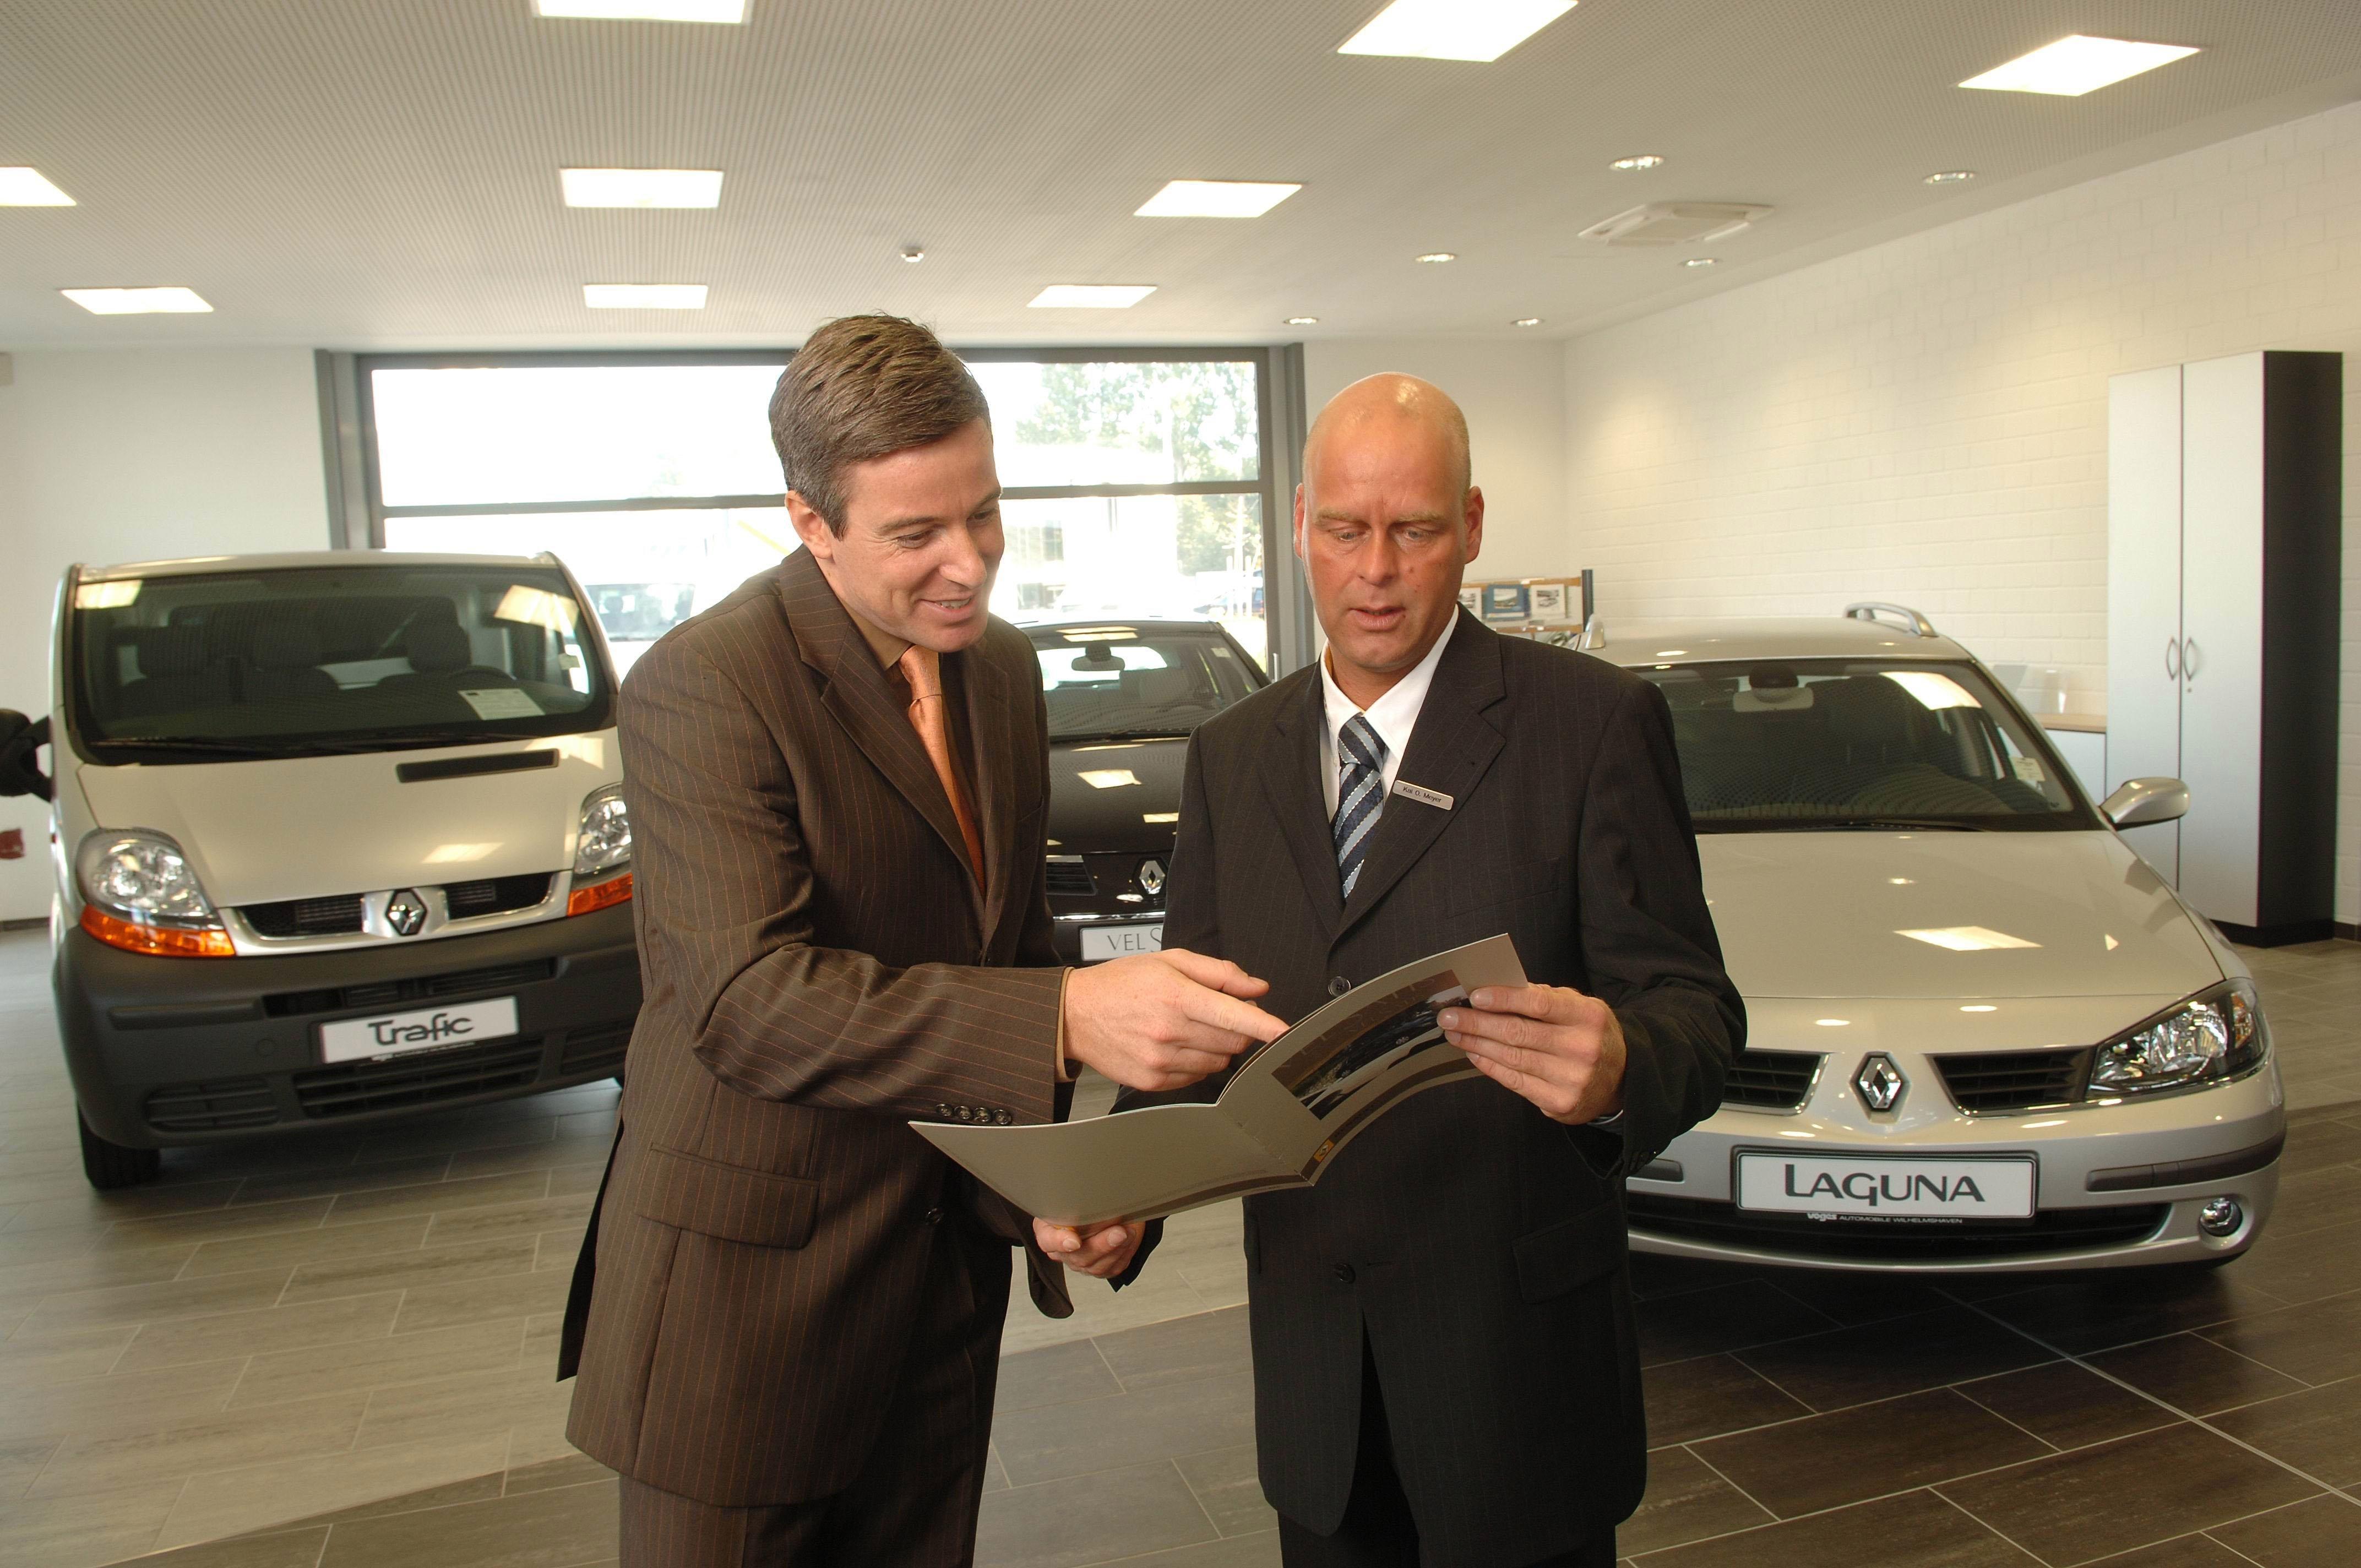 Las matriculaciones de automóviles inician el año con una subida del 7,6% y 53.436 unidades